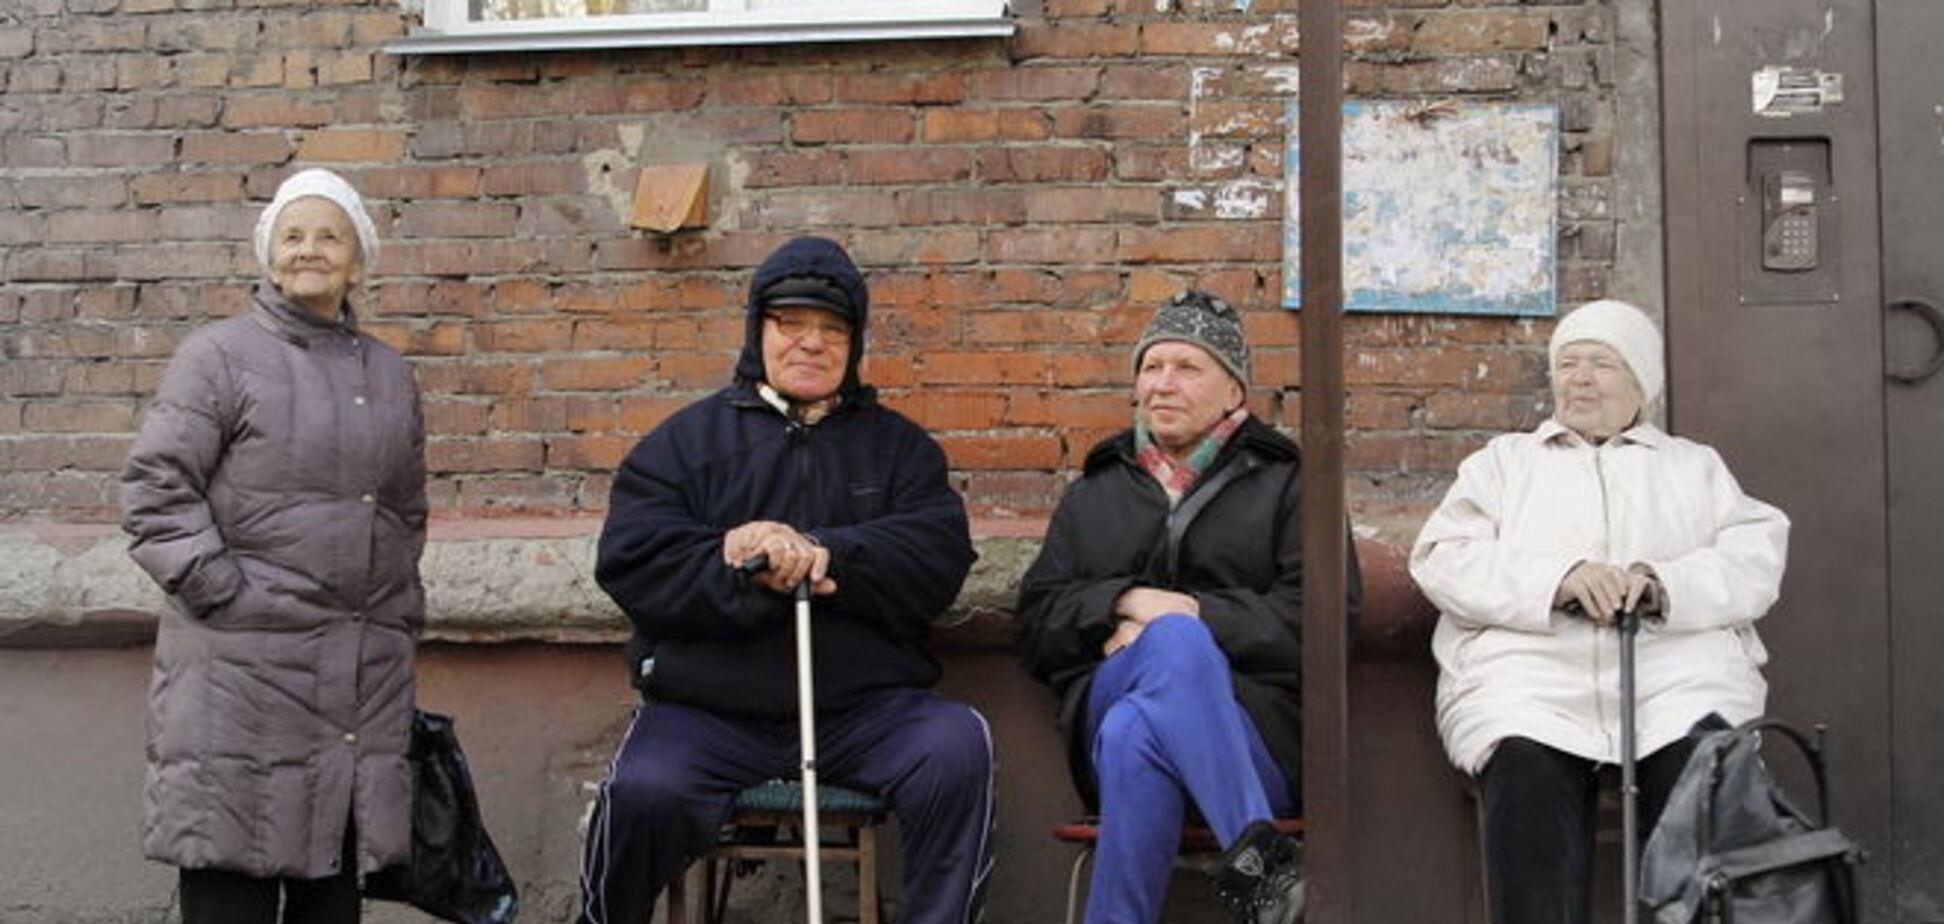 В Москве подросток выбросил с балкона кресло и убил пенсионера